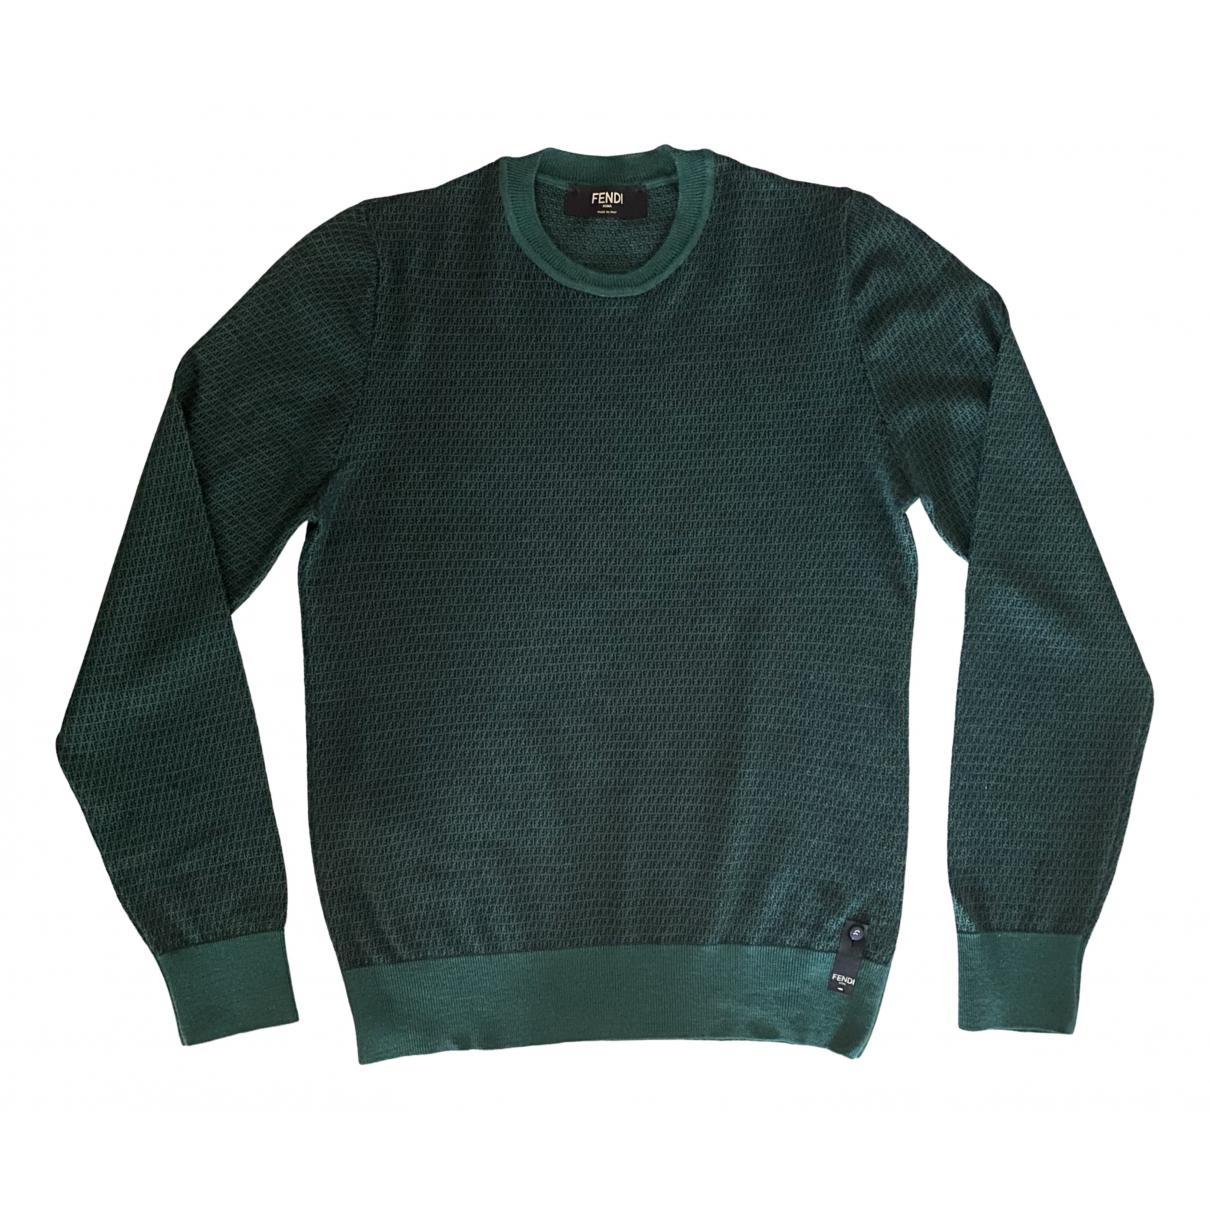 Fendi - Pulls.Gilets.Sweats   pour homme en laine - vert